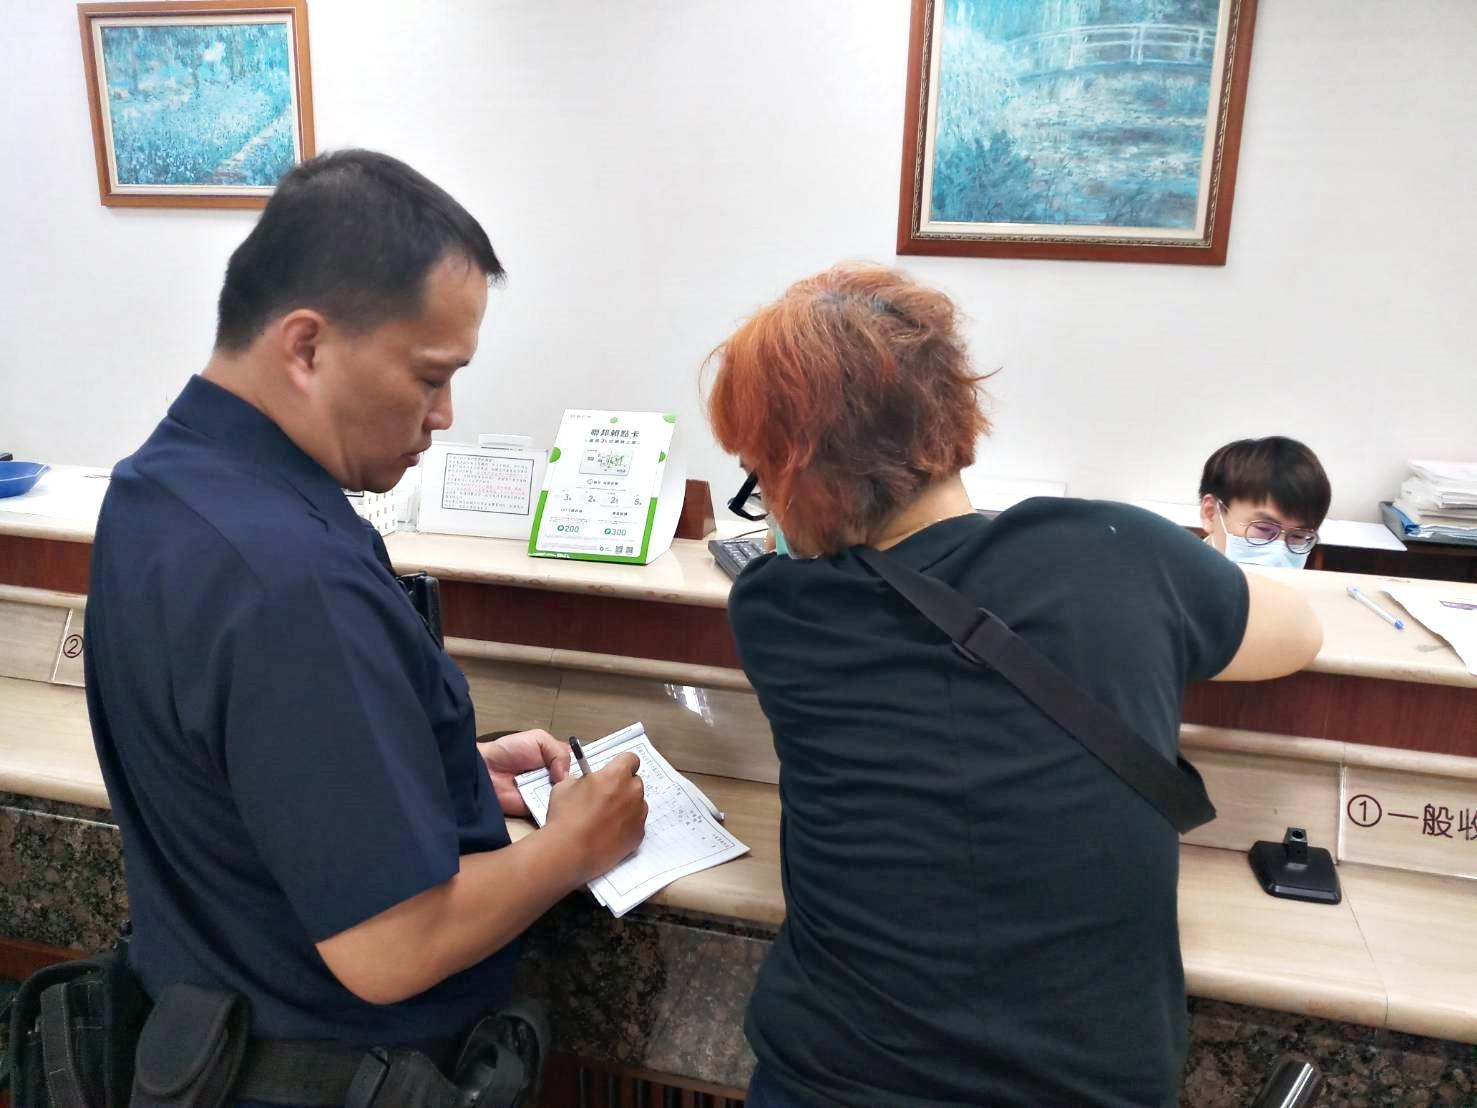 「大姐別衝動」只因網友說急需用錢 女突至銀行要領60萬 警方及時攔阻。(特派員林惠貞翻攝)